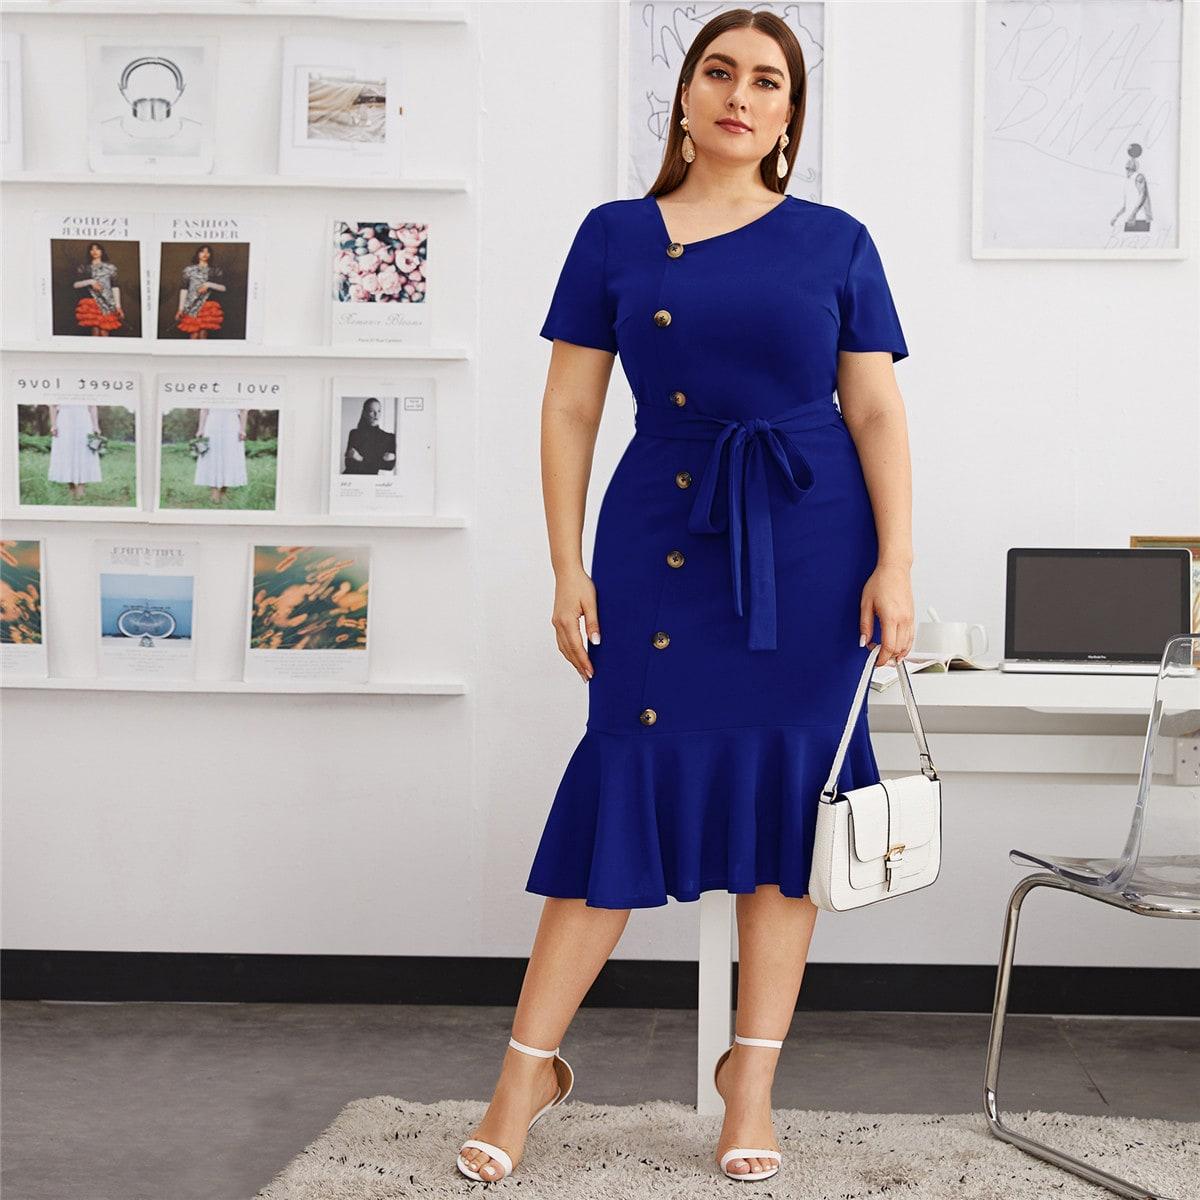 SHEIN / Große Größen - Kleid mit Knöpfen vorn, Meerjungfrausaum und Gürtel